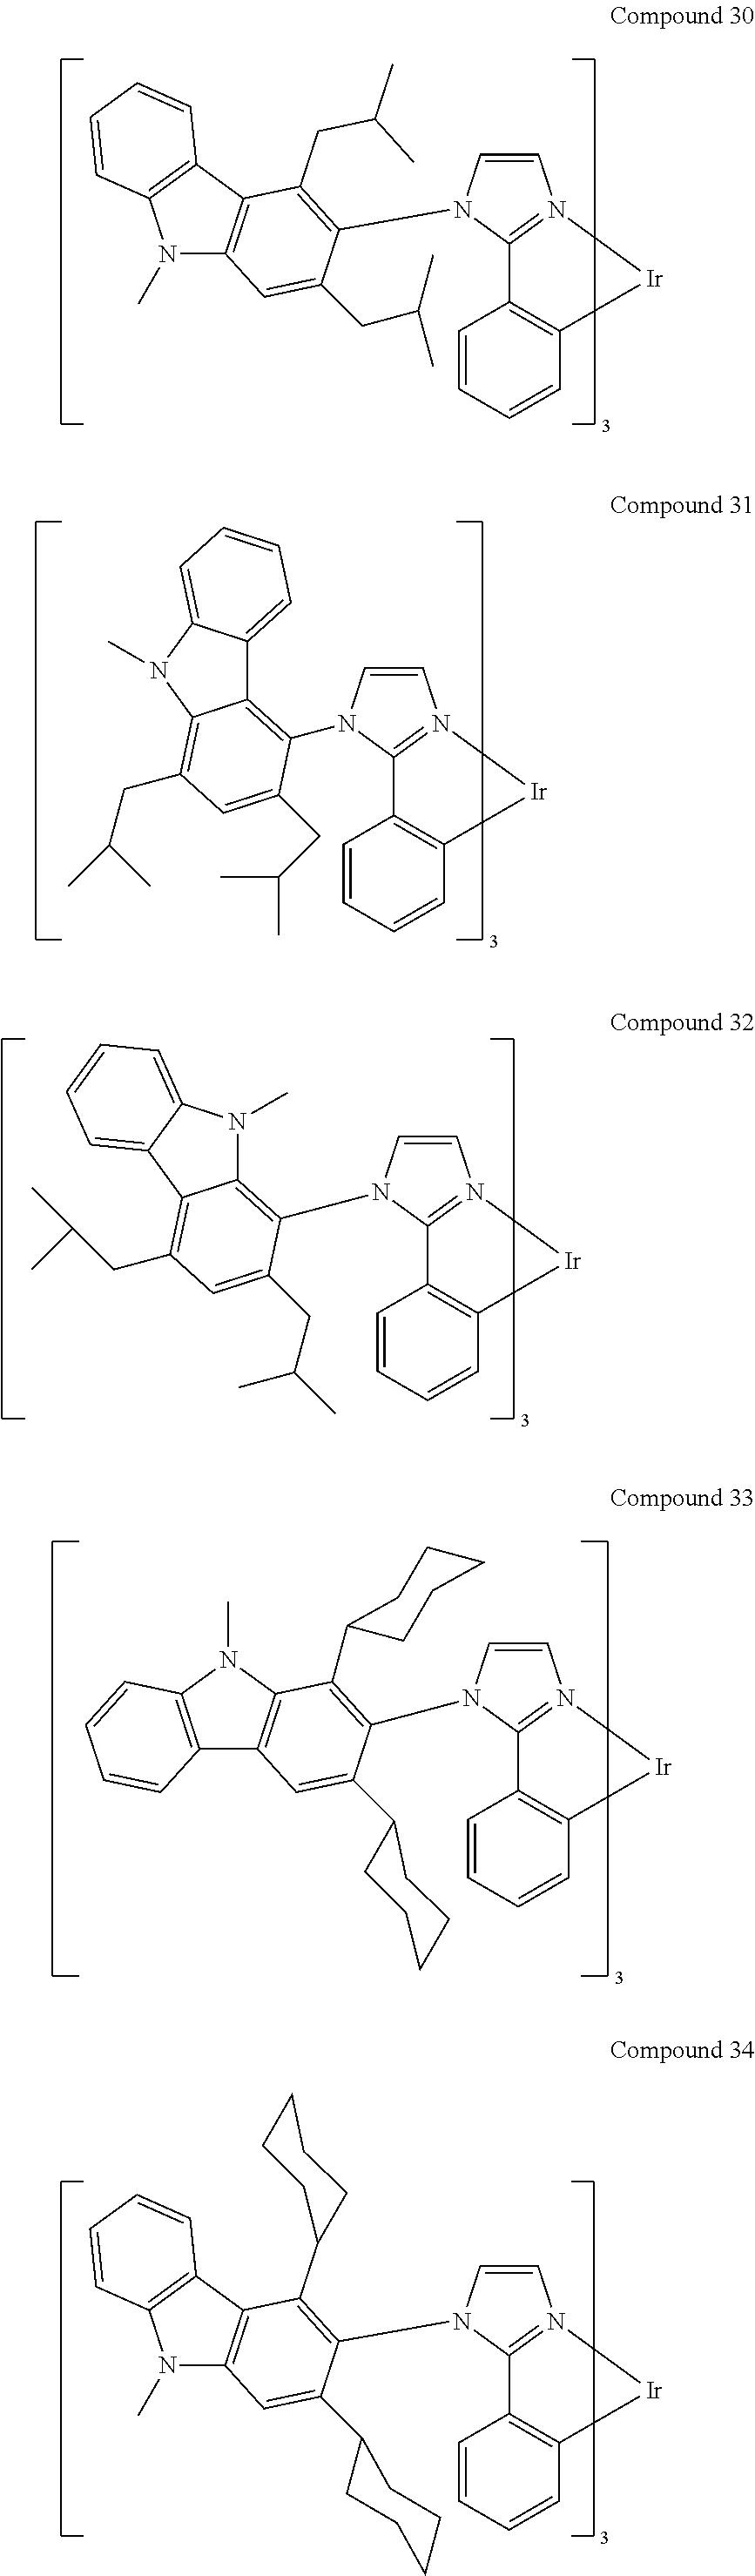 Figure US20110204333A1-20110825-C00042